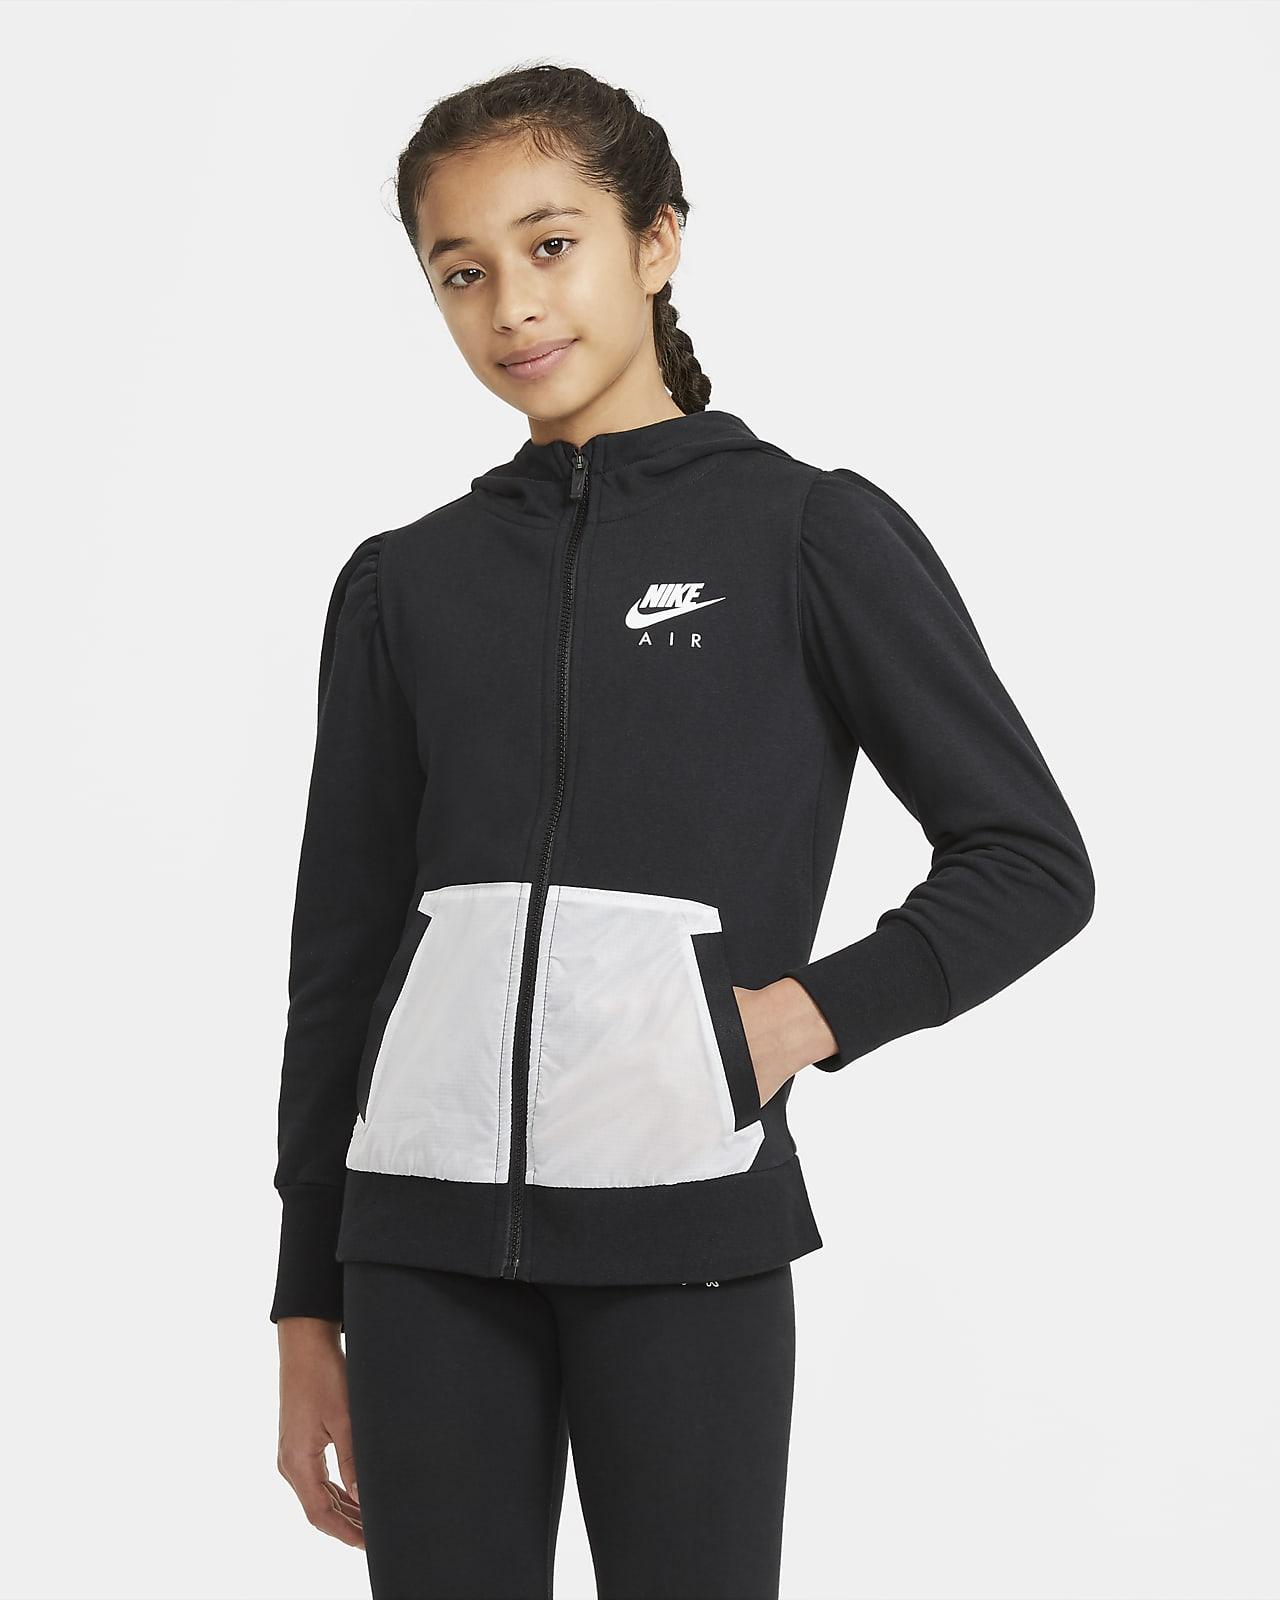 Nike Air-hættetrøje i french terry med lynlås i fuld længde til store børn (piger)